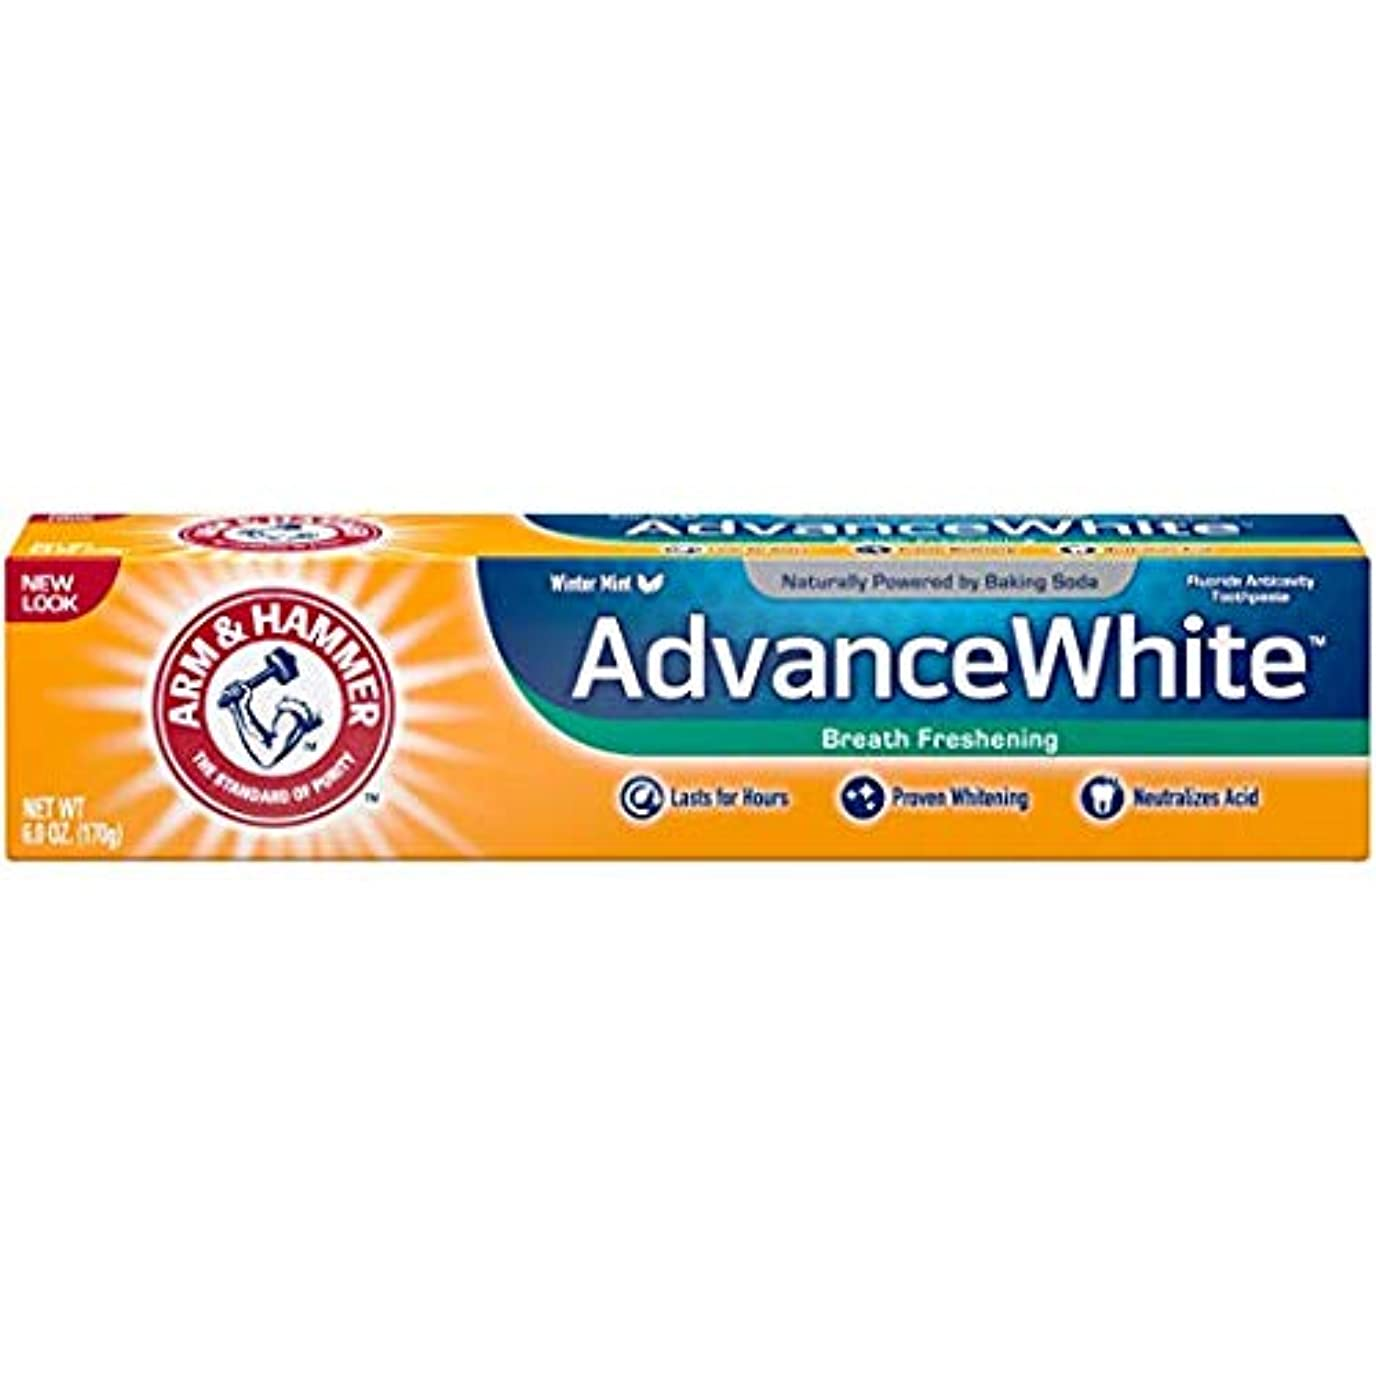 リダクター写真のとArm & Hammer アドバンスホワイト重曹歯磨き粉、フロストミント6オズ(4パック) 4パック